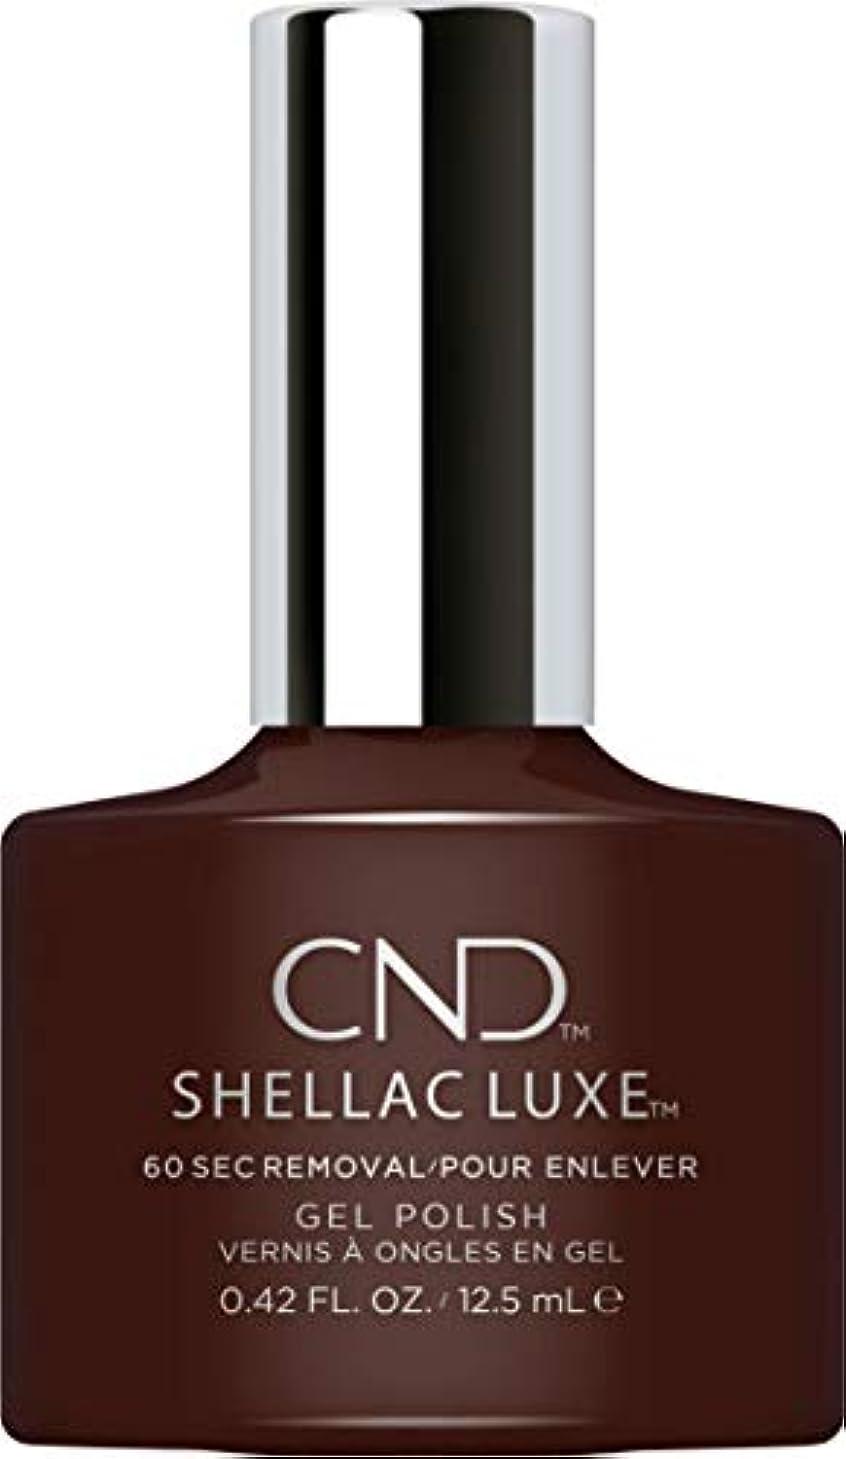 好奇心放映風が強いCND Shellac Luxe - Fedora - 12.5 ml / 0.42 oz